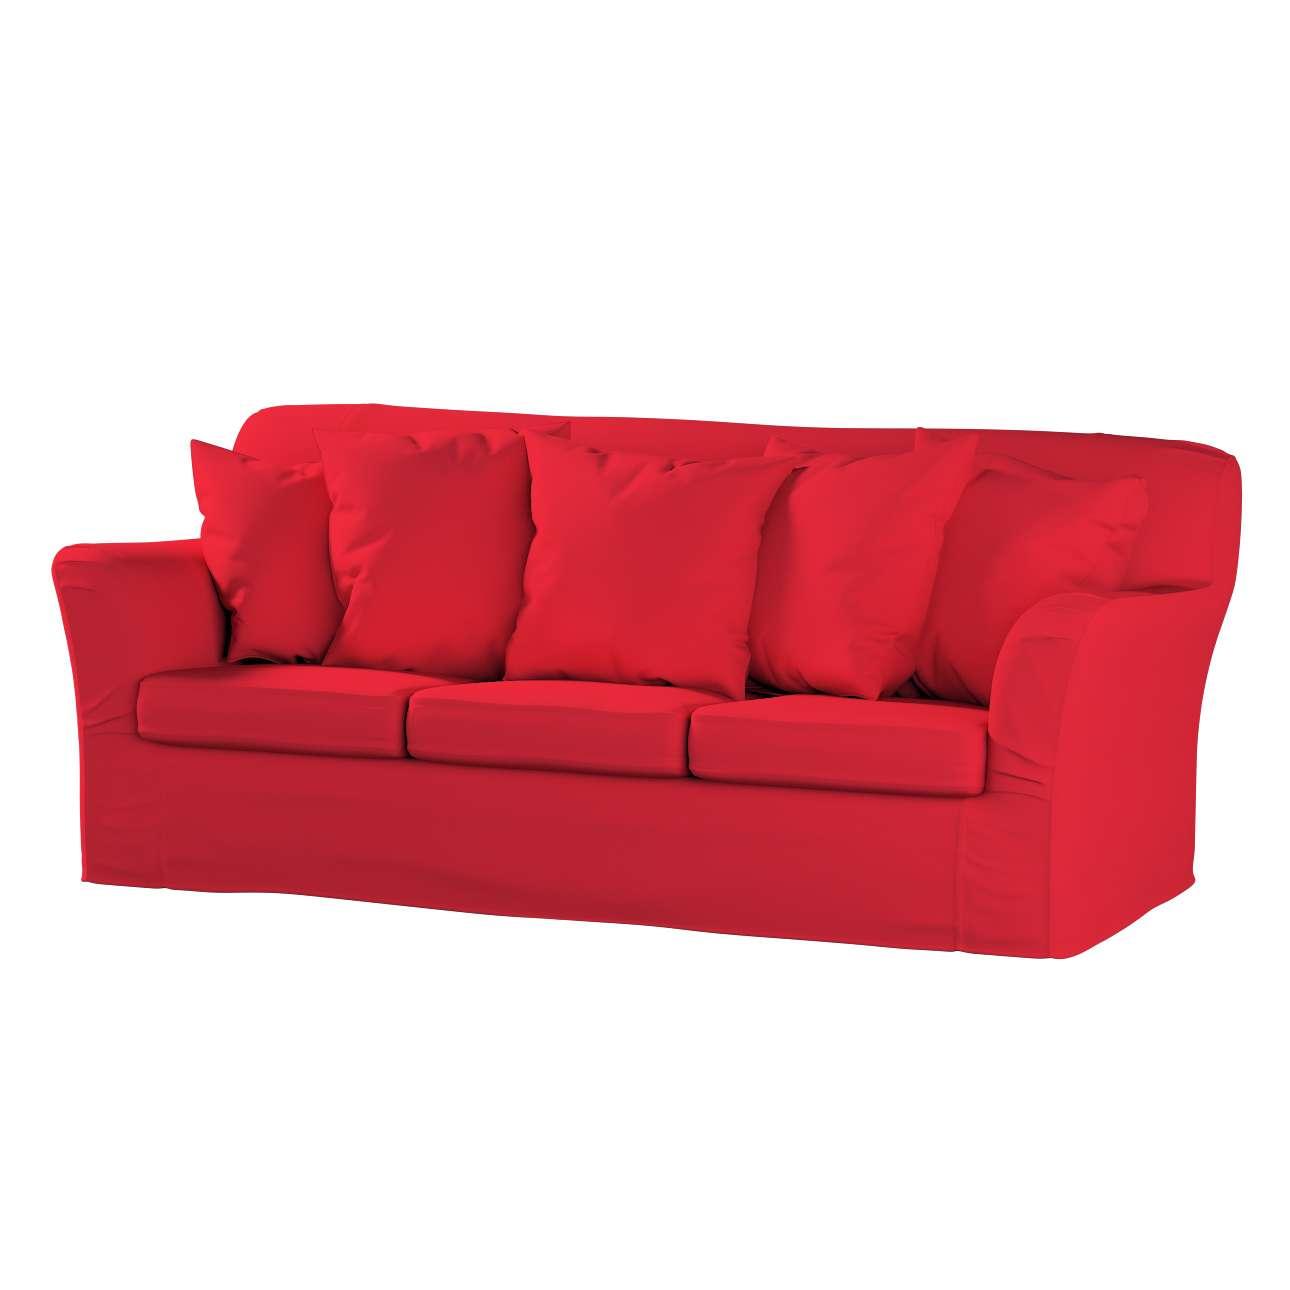 Tomelilla 3-Sitzer Sofabezug nicht ausklappbar Sofahusse, Tomelilla 3-Sitzer von der Kollektion Cotton Panama, Stoff: 702-04